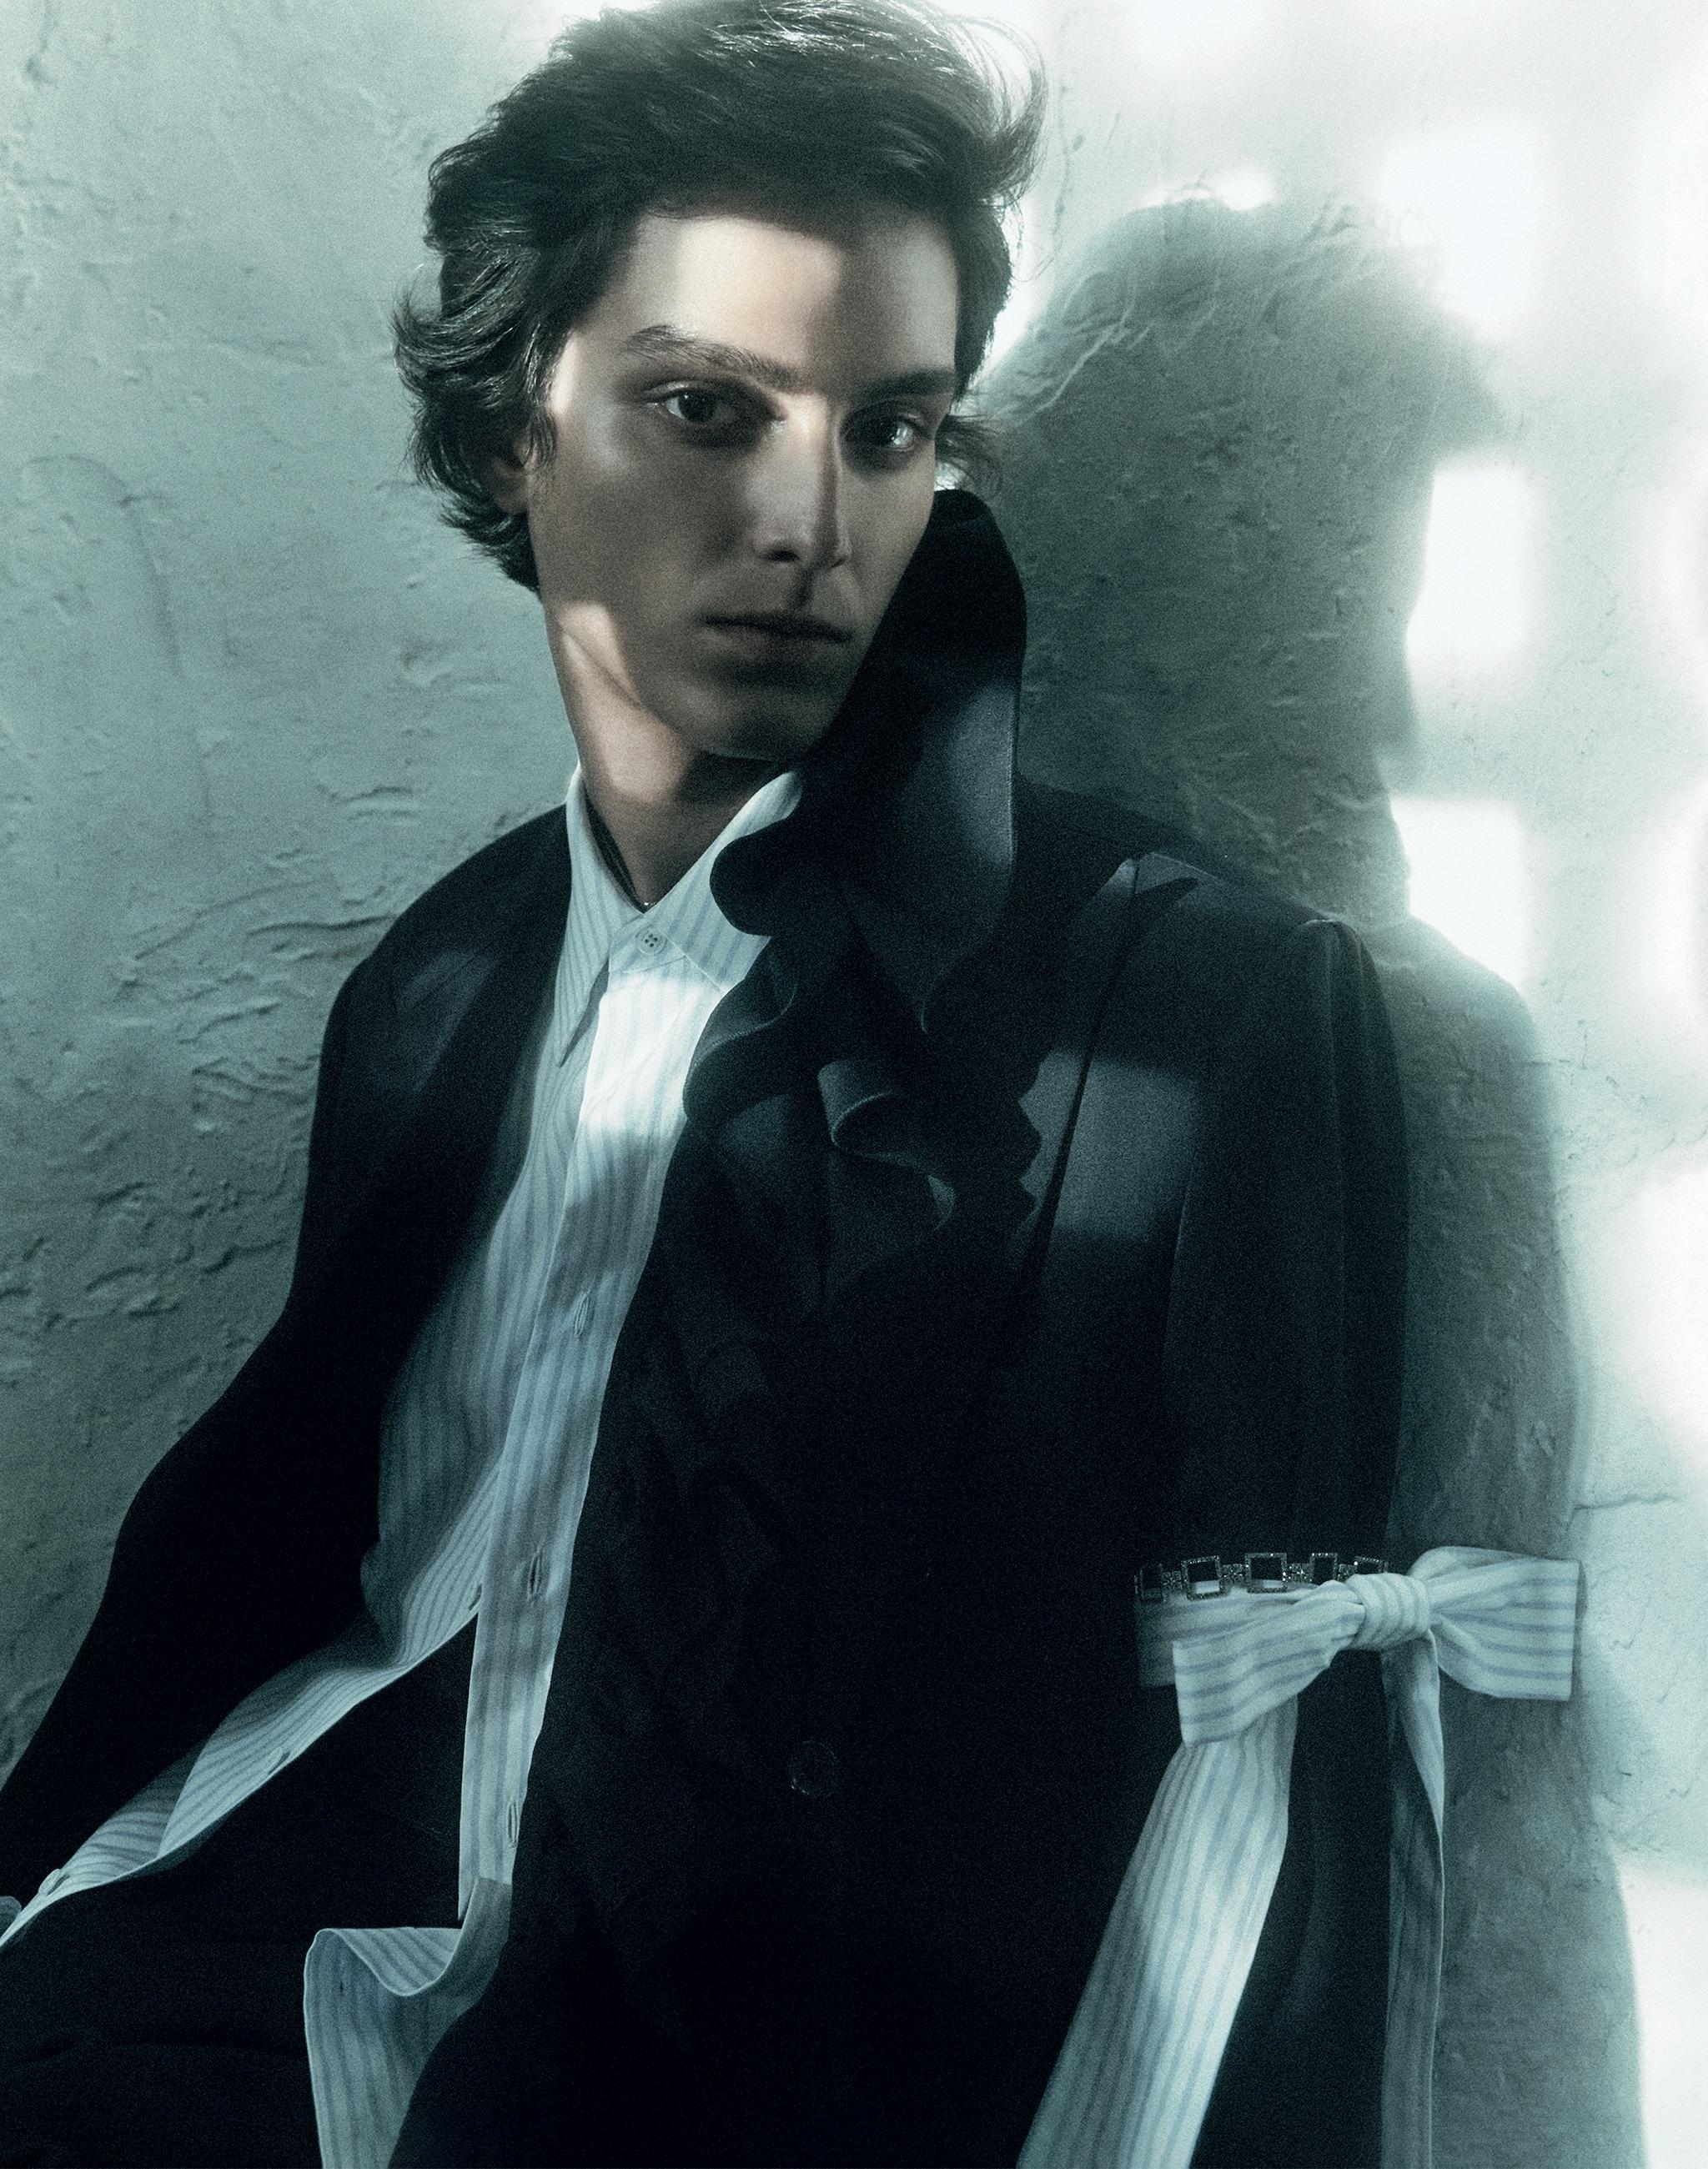 Cappotto in lana, camicia in cotone e pantaloni in lana anni '90. Tutto LOUIS VUITTON. Braccialetto in argento e marcasite, LA METROP COMPAGNIE (357 €, indossato sul braccio).